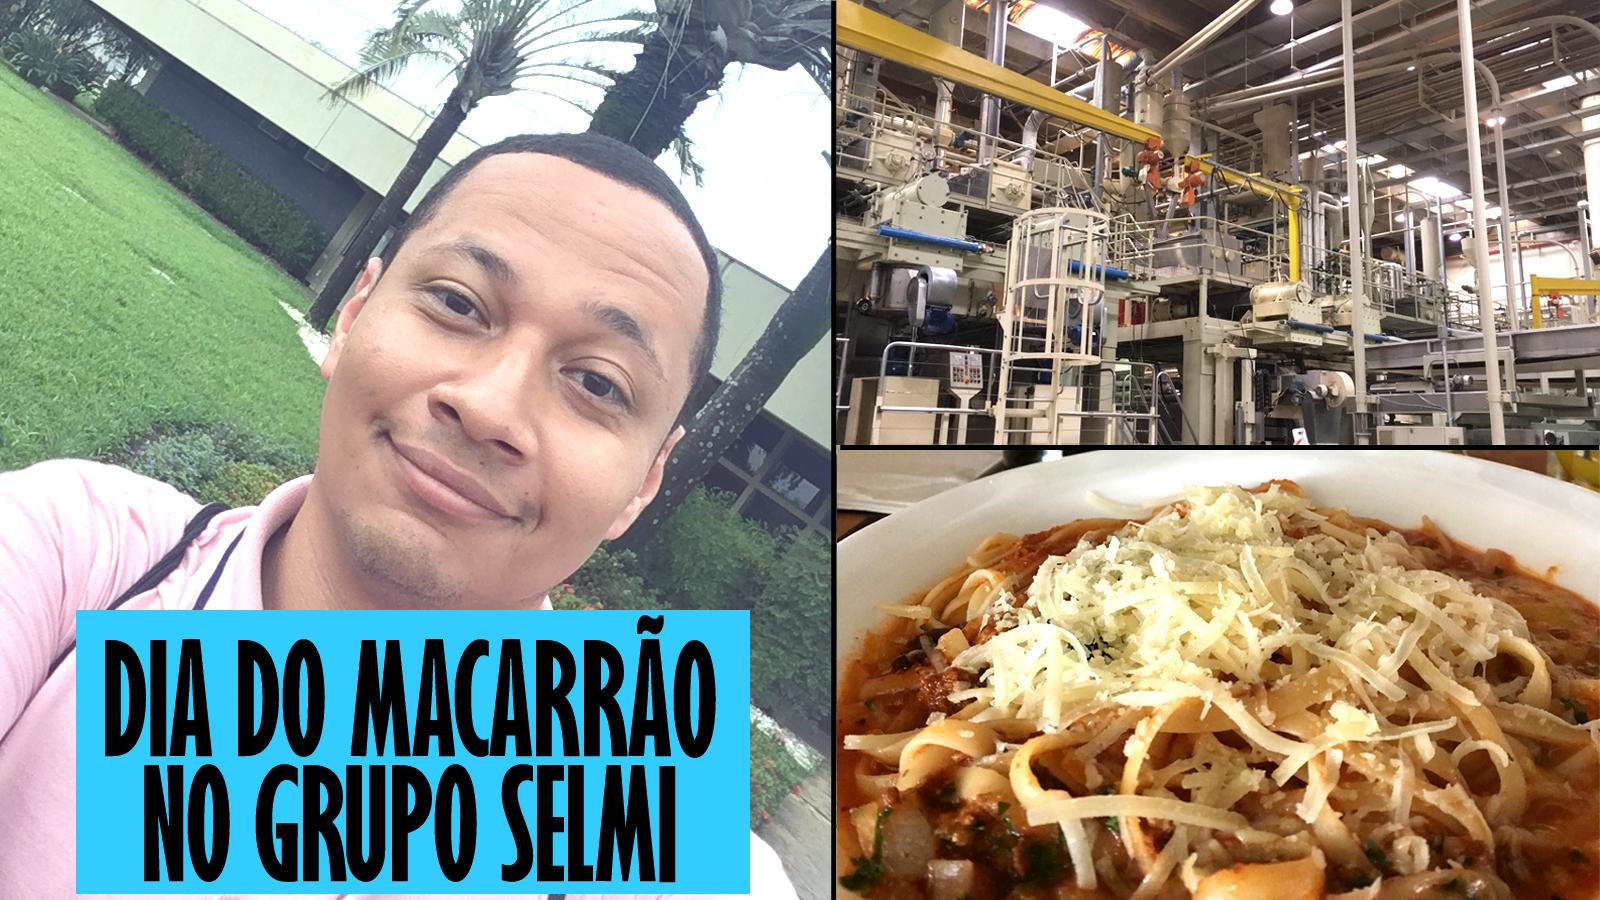 Visita à fábrica do Grupo Selmi – Dia do Macarrão 25/10